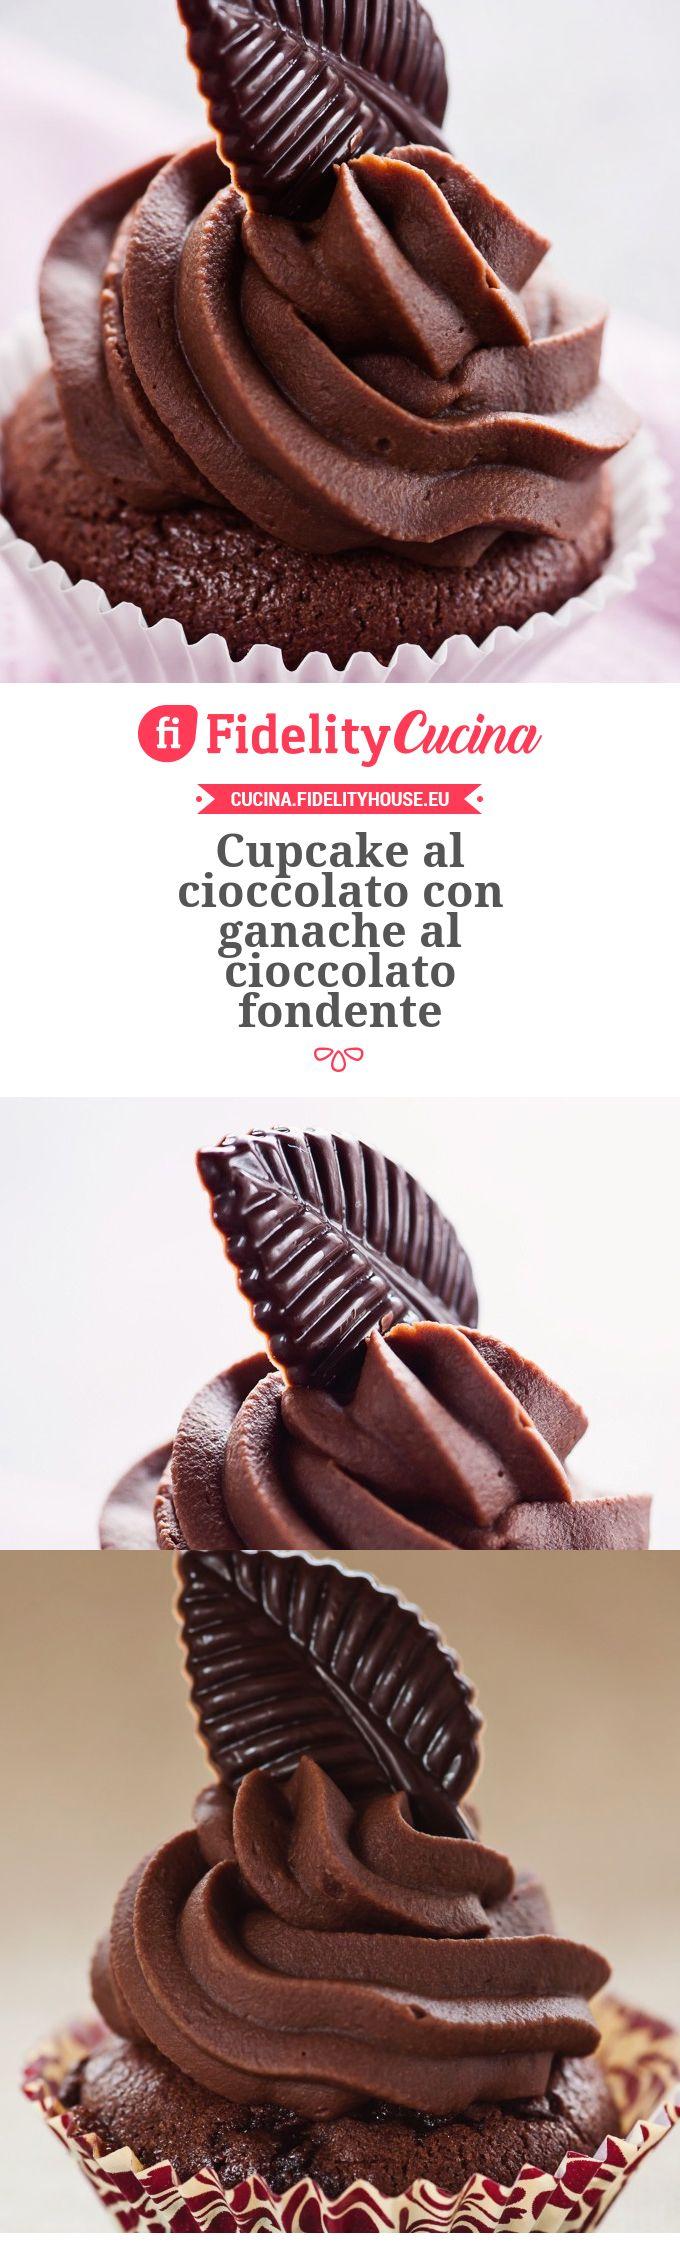 Cupcake al cioccolato con ganache al cioccolato fondente